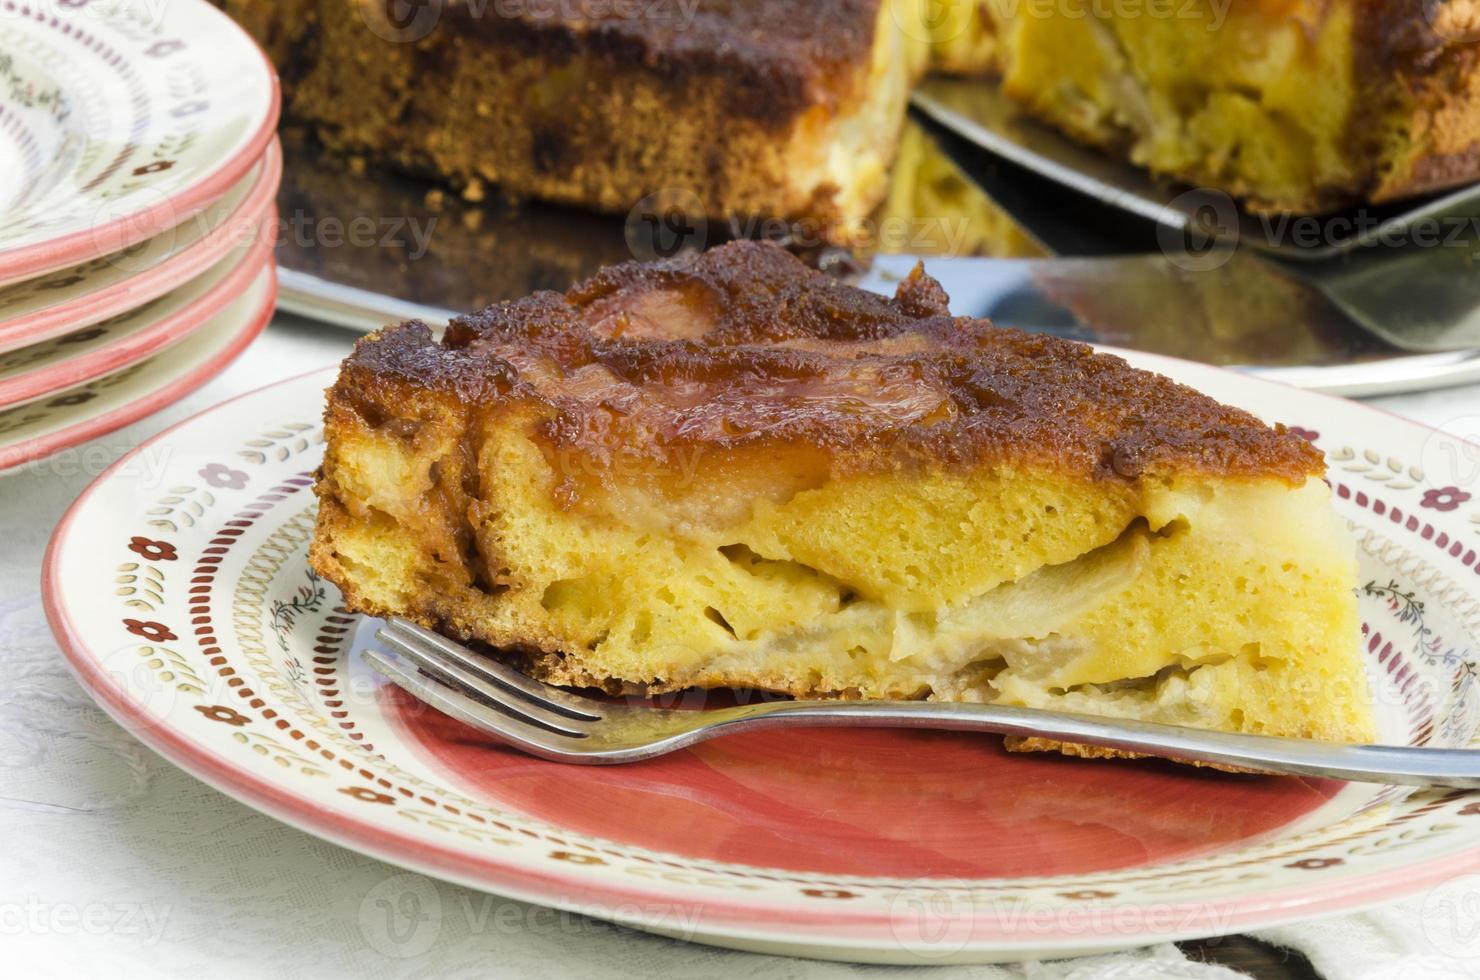 gekarameliseerde appeltaart (zie recept hieronder). foto